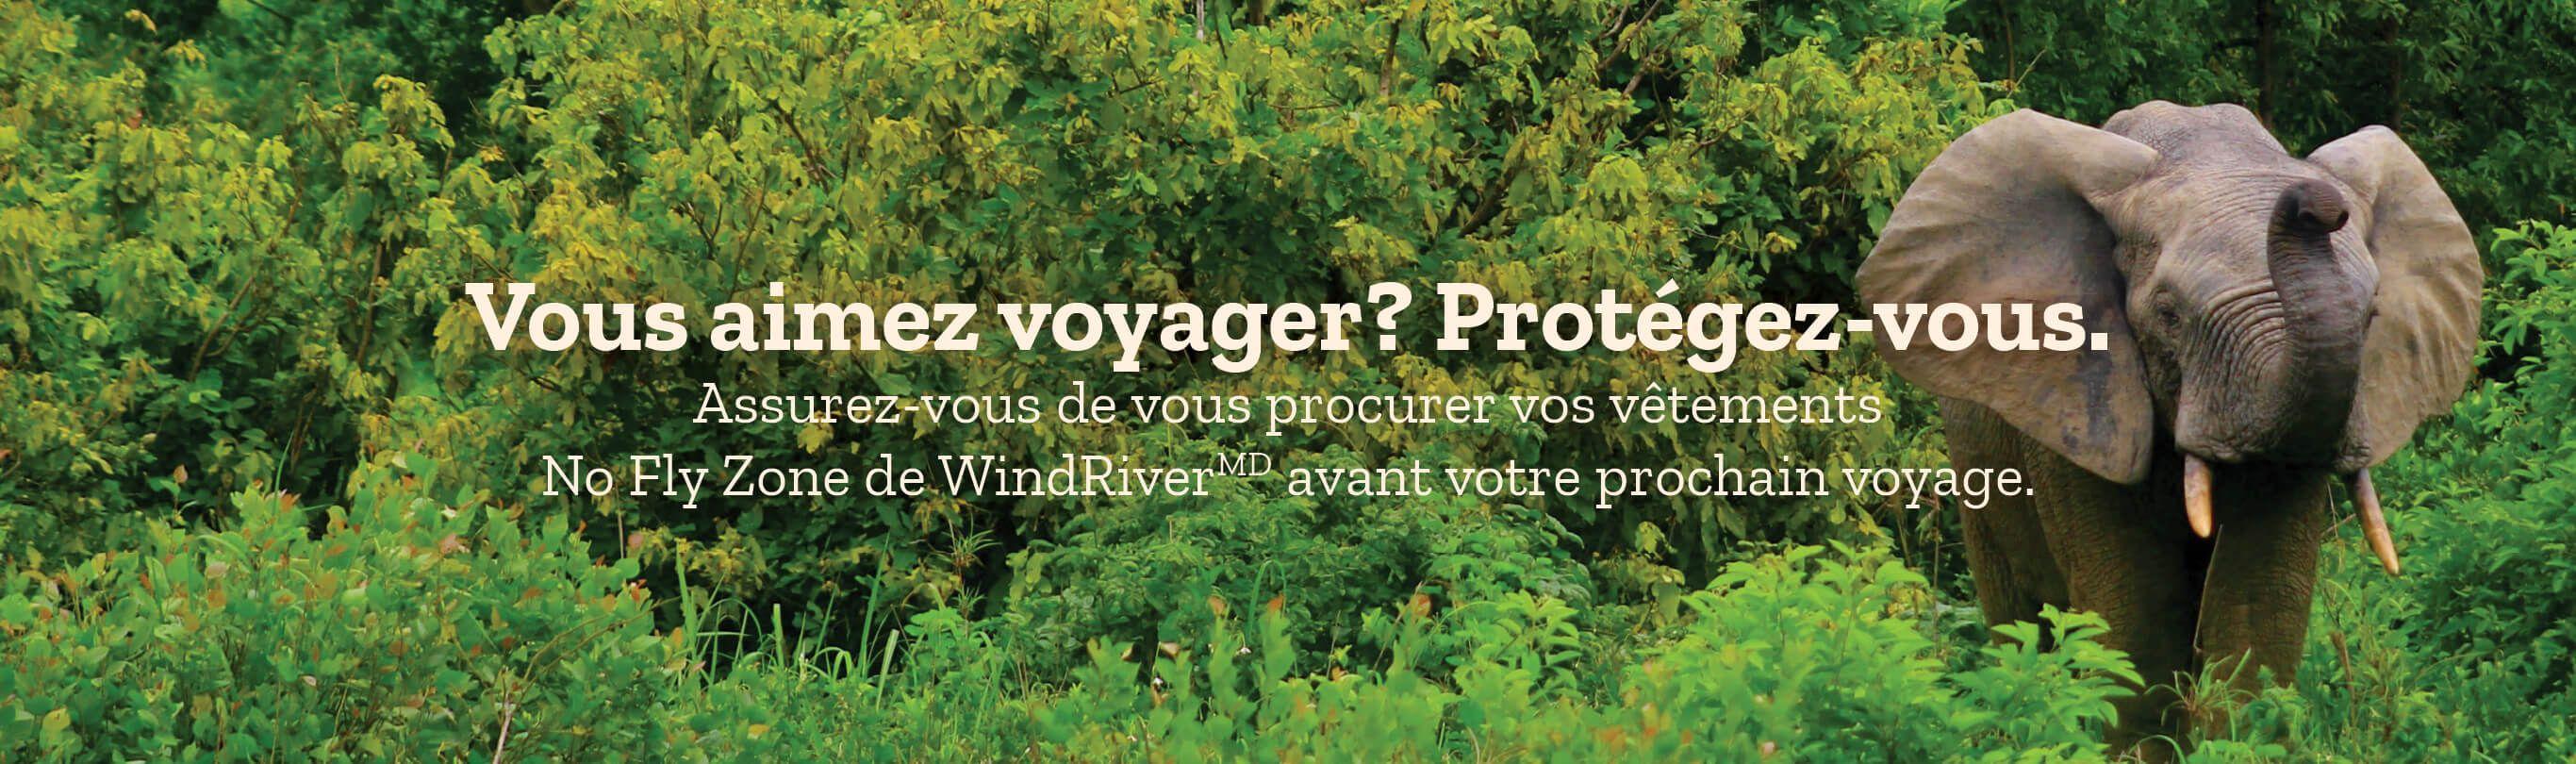 Vous aimez voyager? Protégez-vous. Assurez-vous de vous procurer vos vêtements No Fly Zone de WindRiver avant votre prochain voyage.